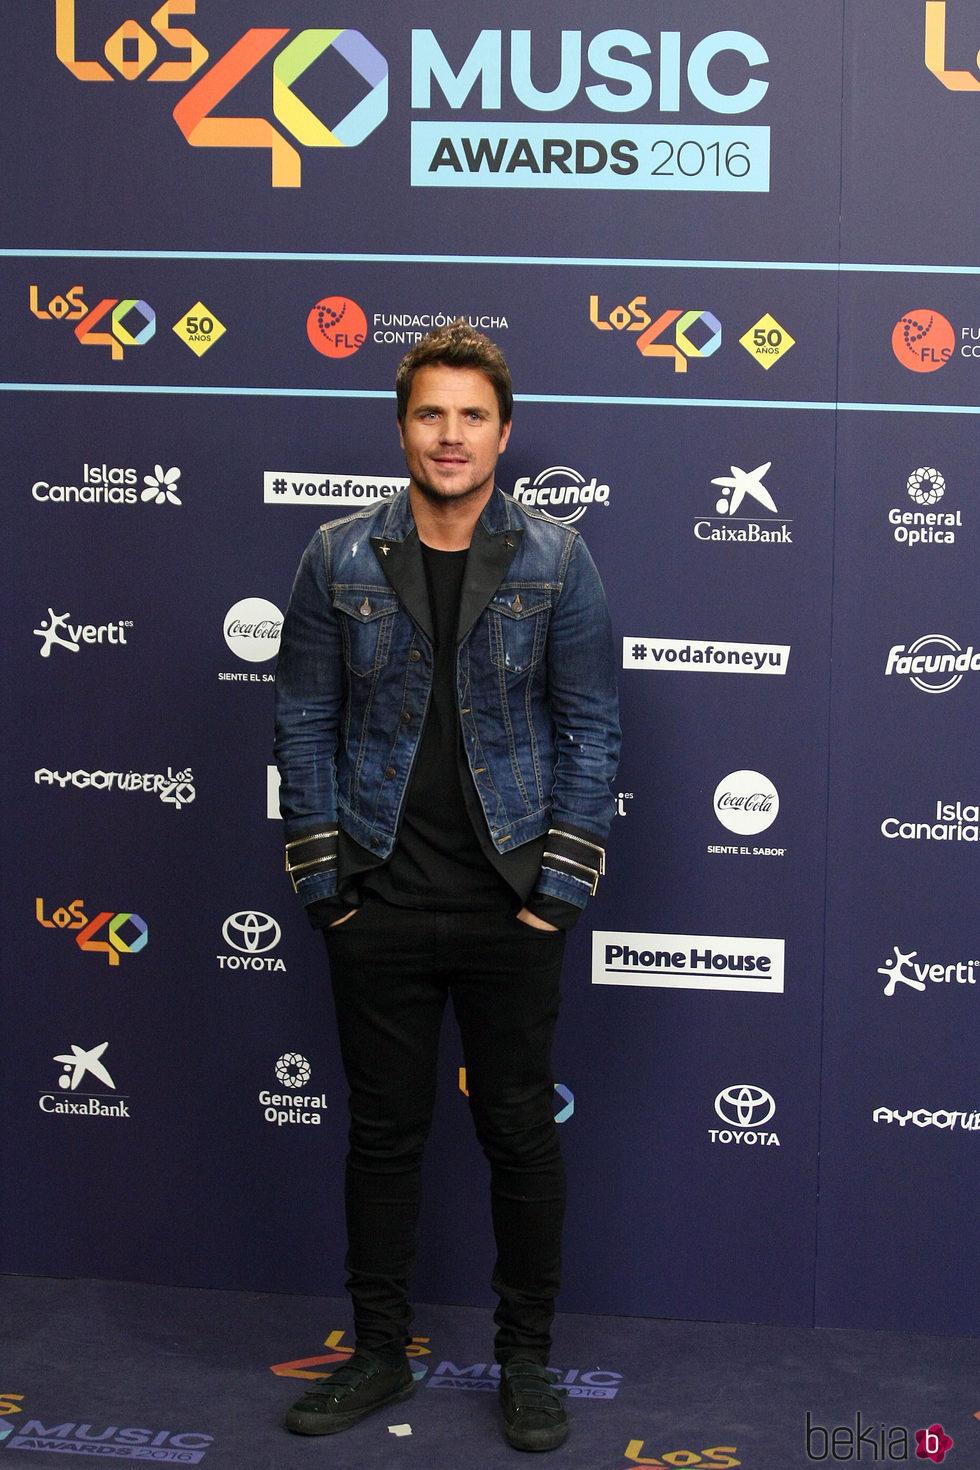 Dani Martín en Los40 Music Awards 2016